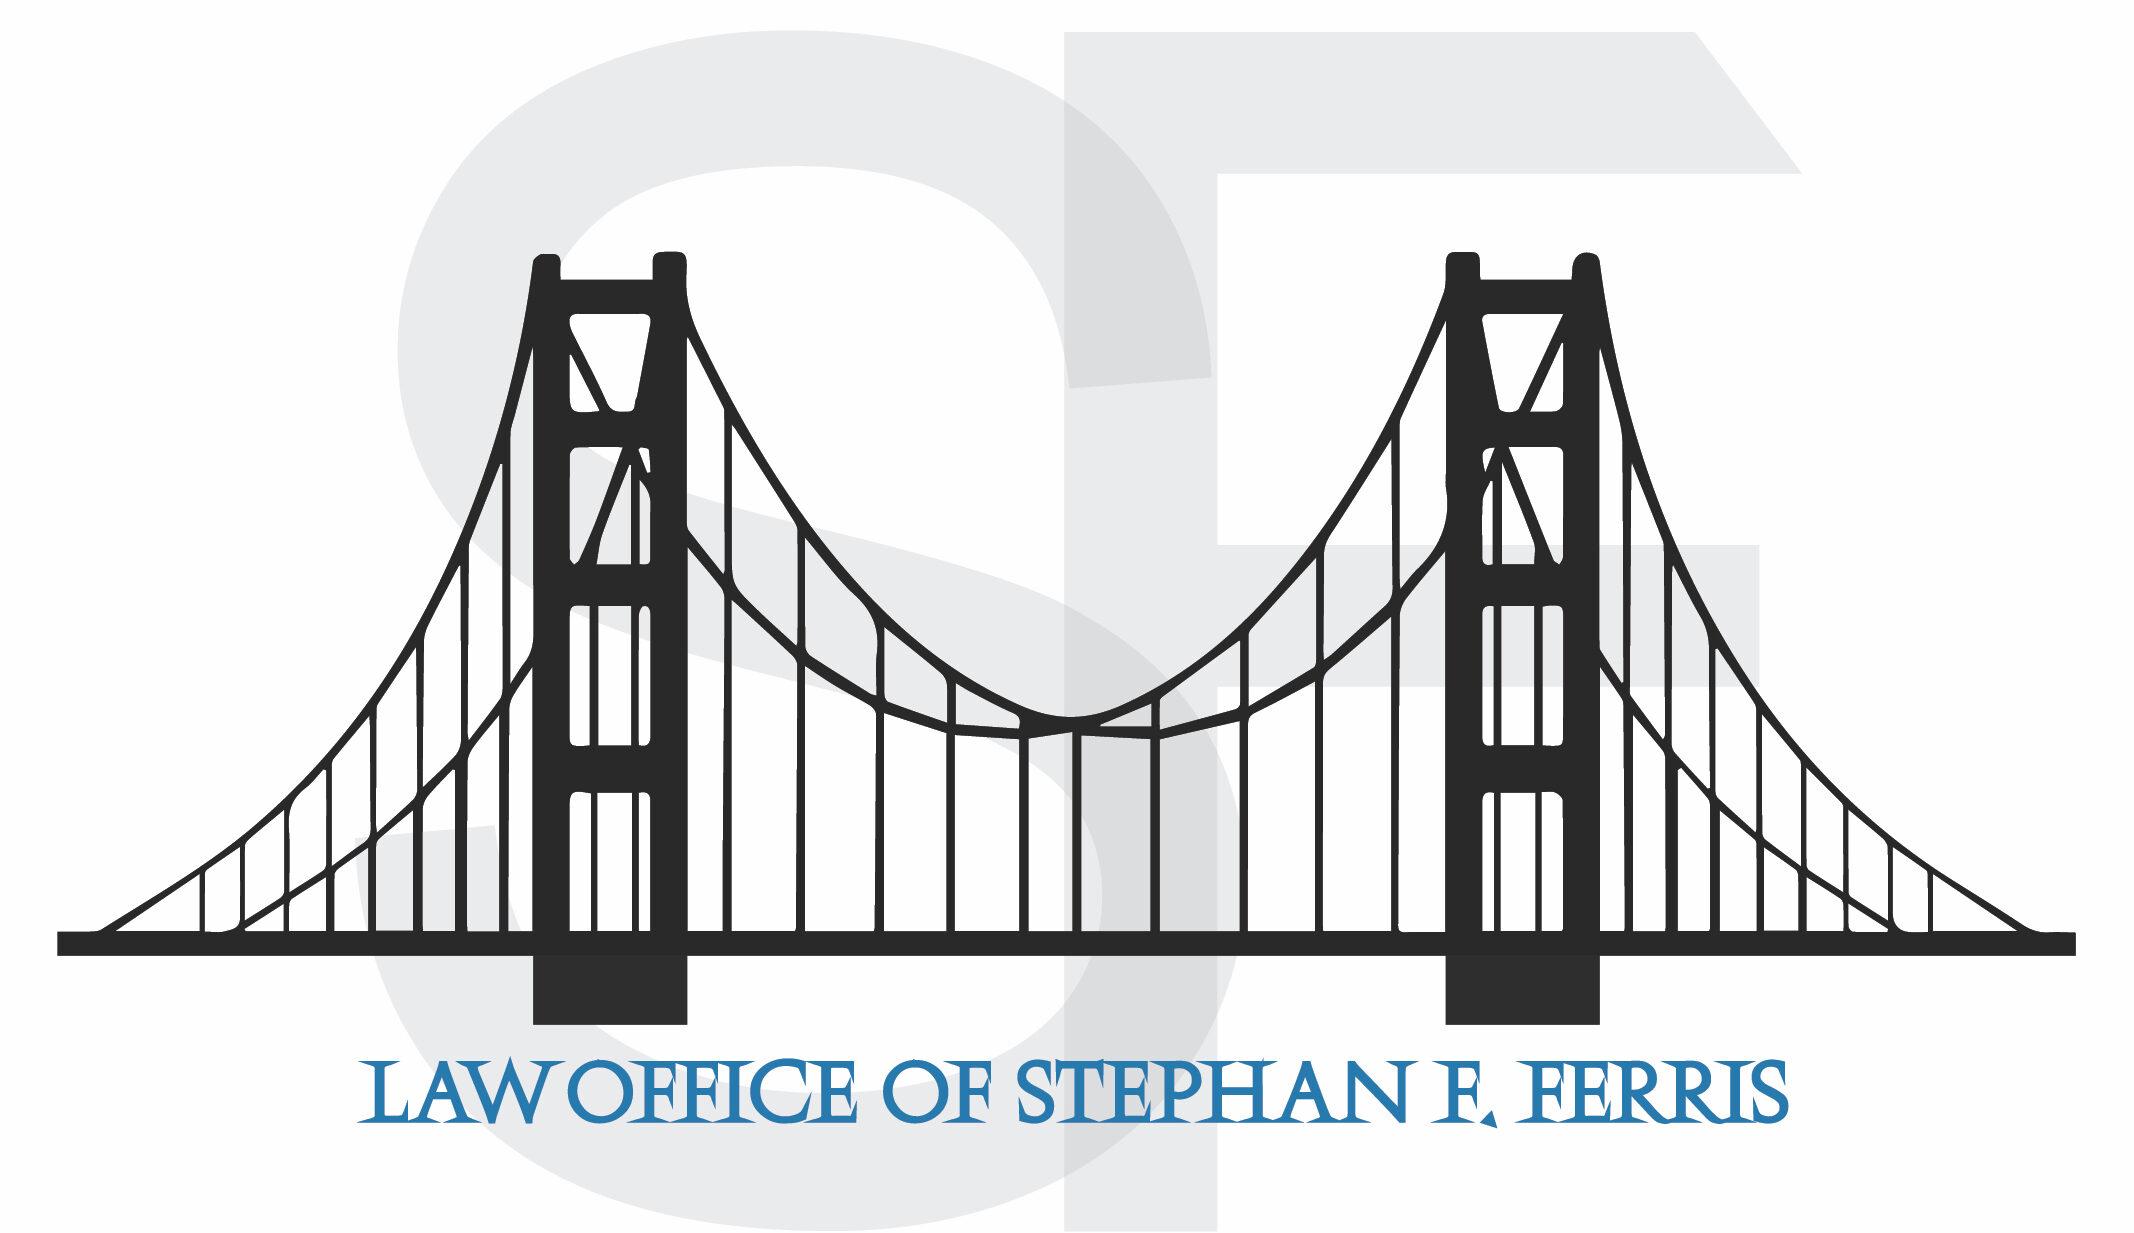 Stephan F. Ferris